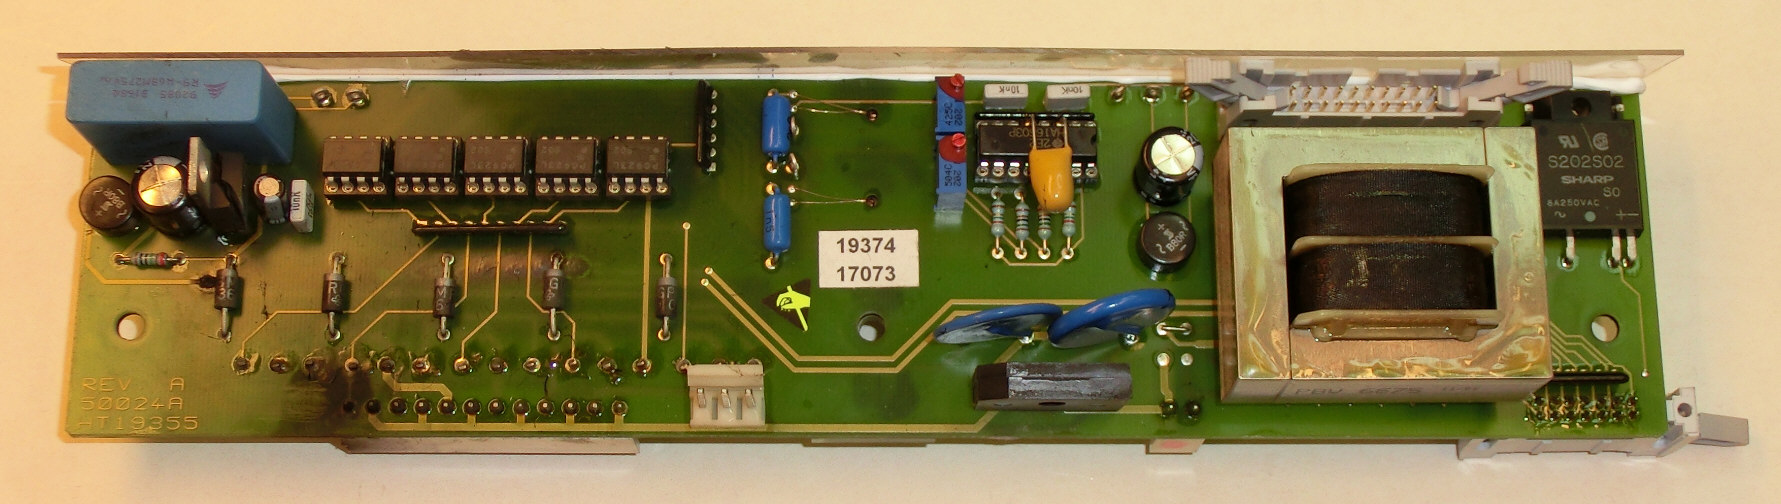 PCB NO. HT 19355, 50024A , REV. A